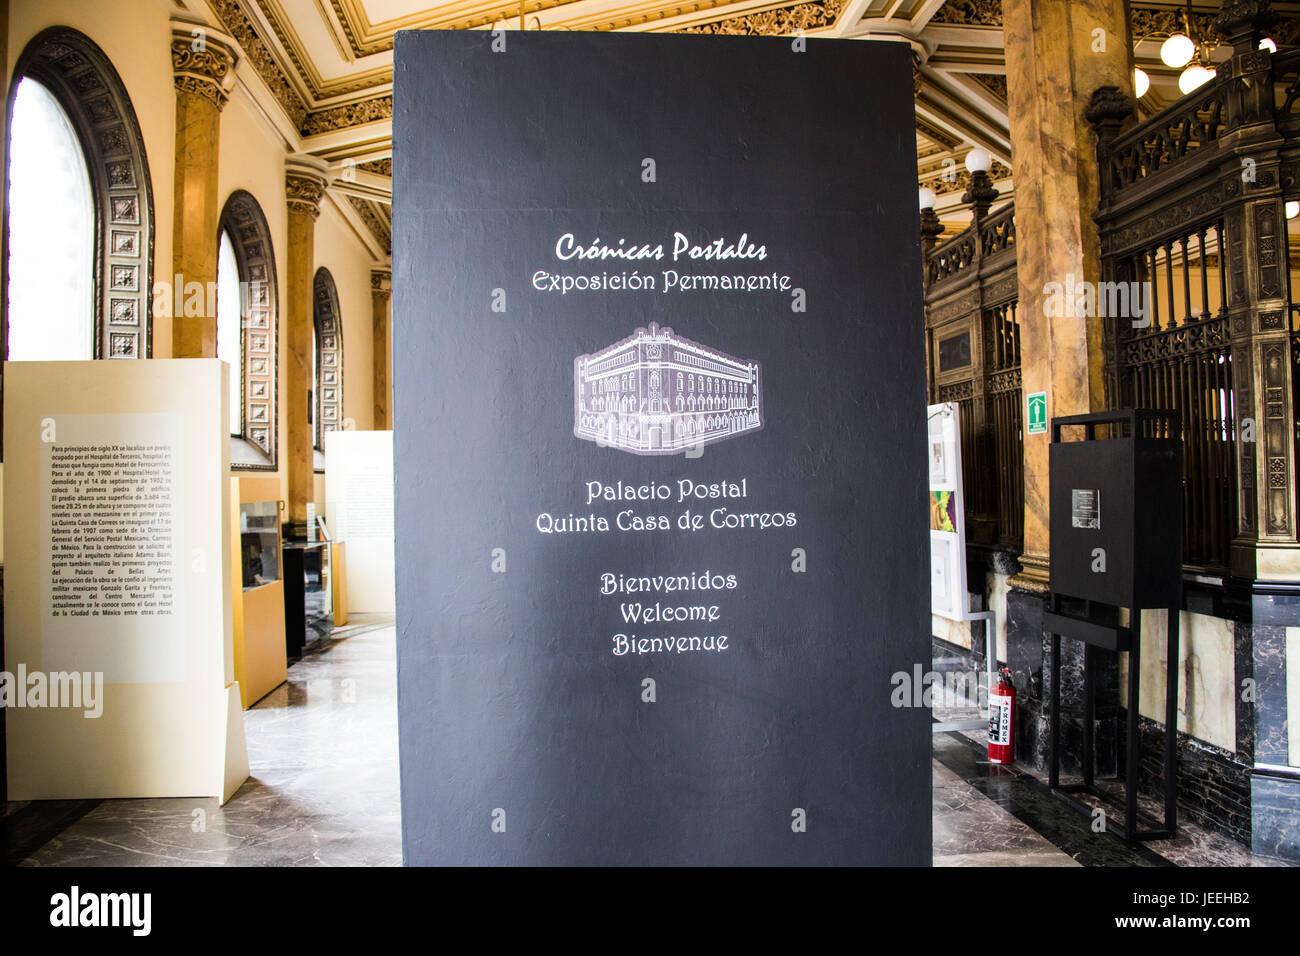 Permanent Exhibition, Palacio De Correos De Mexico or Postal Palace of Mexico City, Mexico Stock Photo